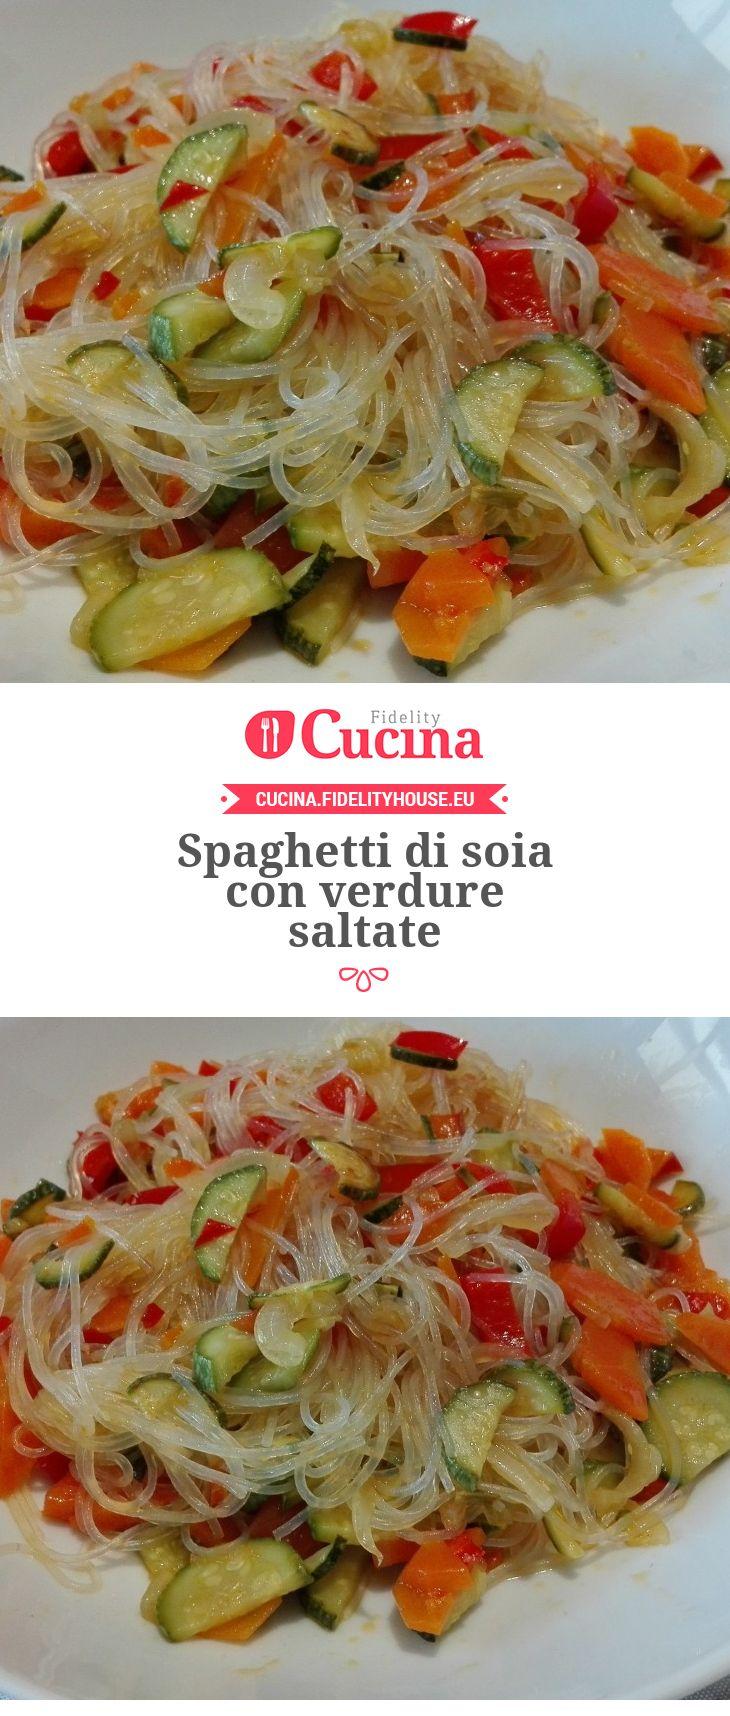 Spaghetti di soia con verdure saltate